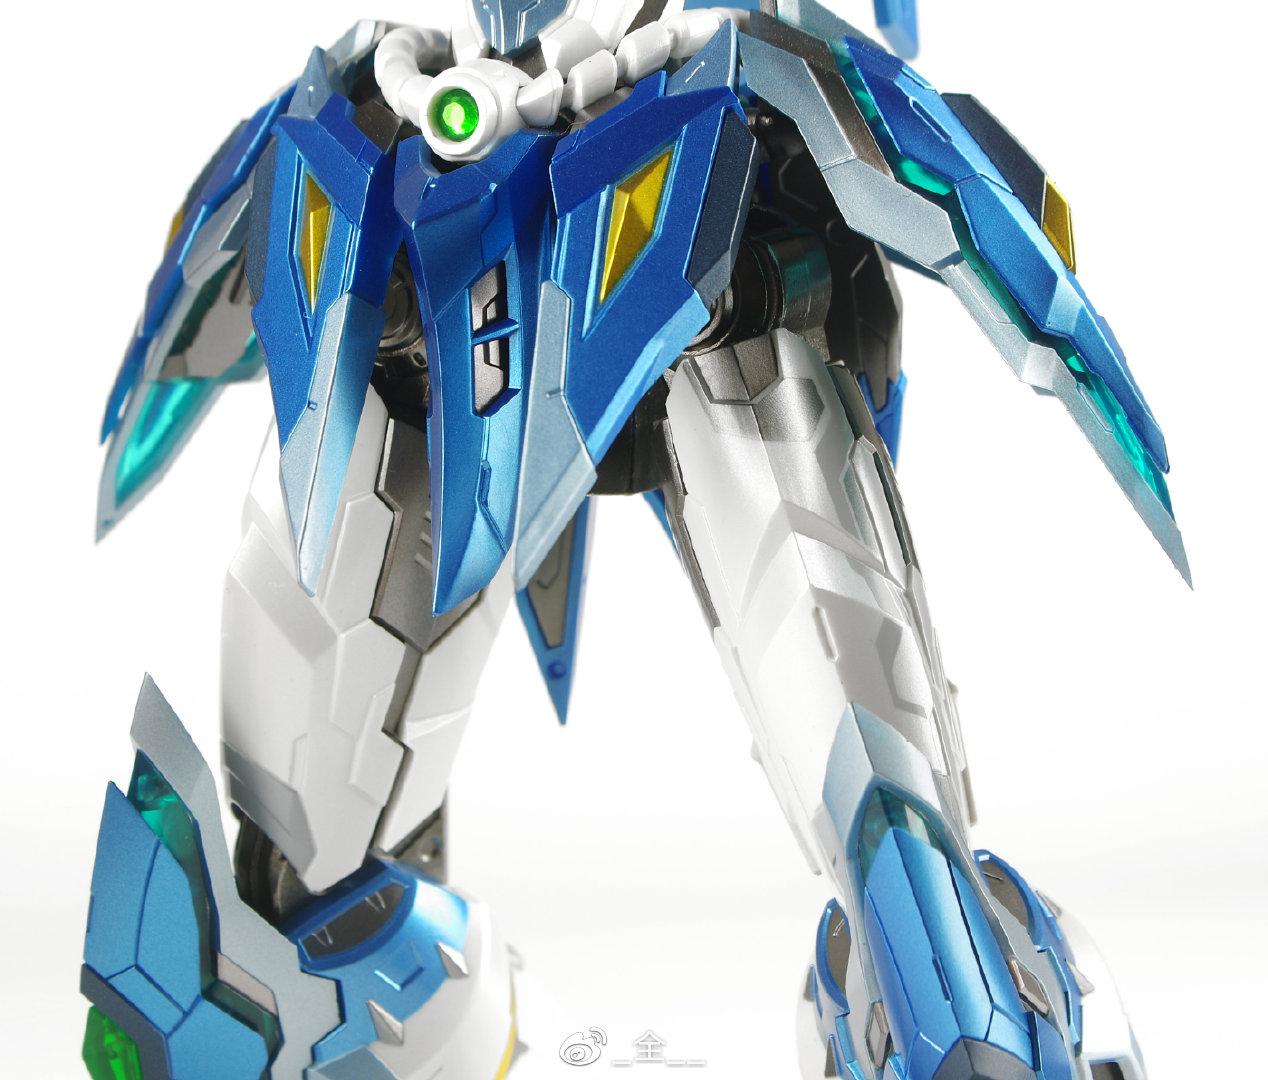 S470_MOTOR_NUCLEAR_MN_Q03_blue_gragon_ao_bing_di_hui_xing_han_long_zi_046.jpg